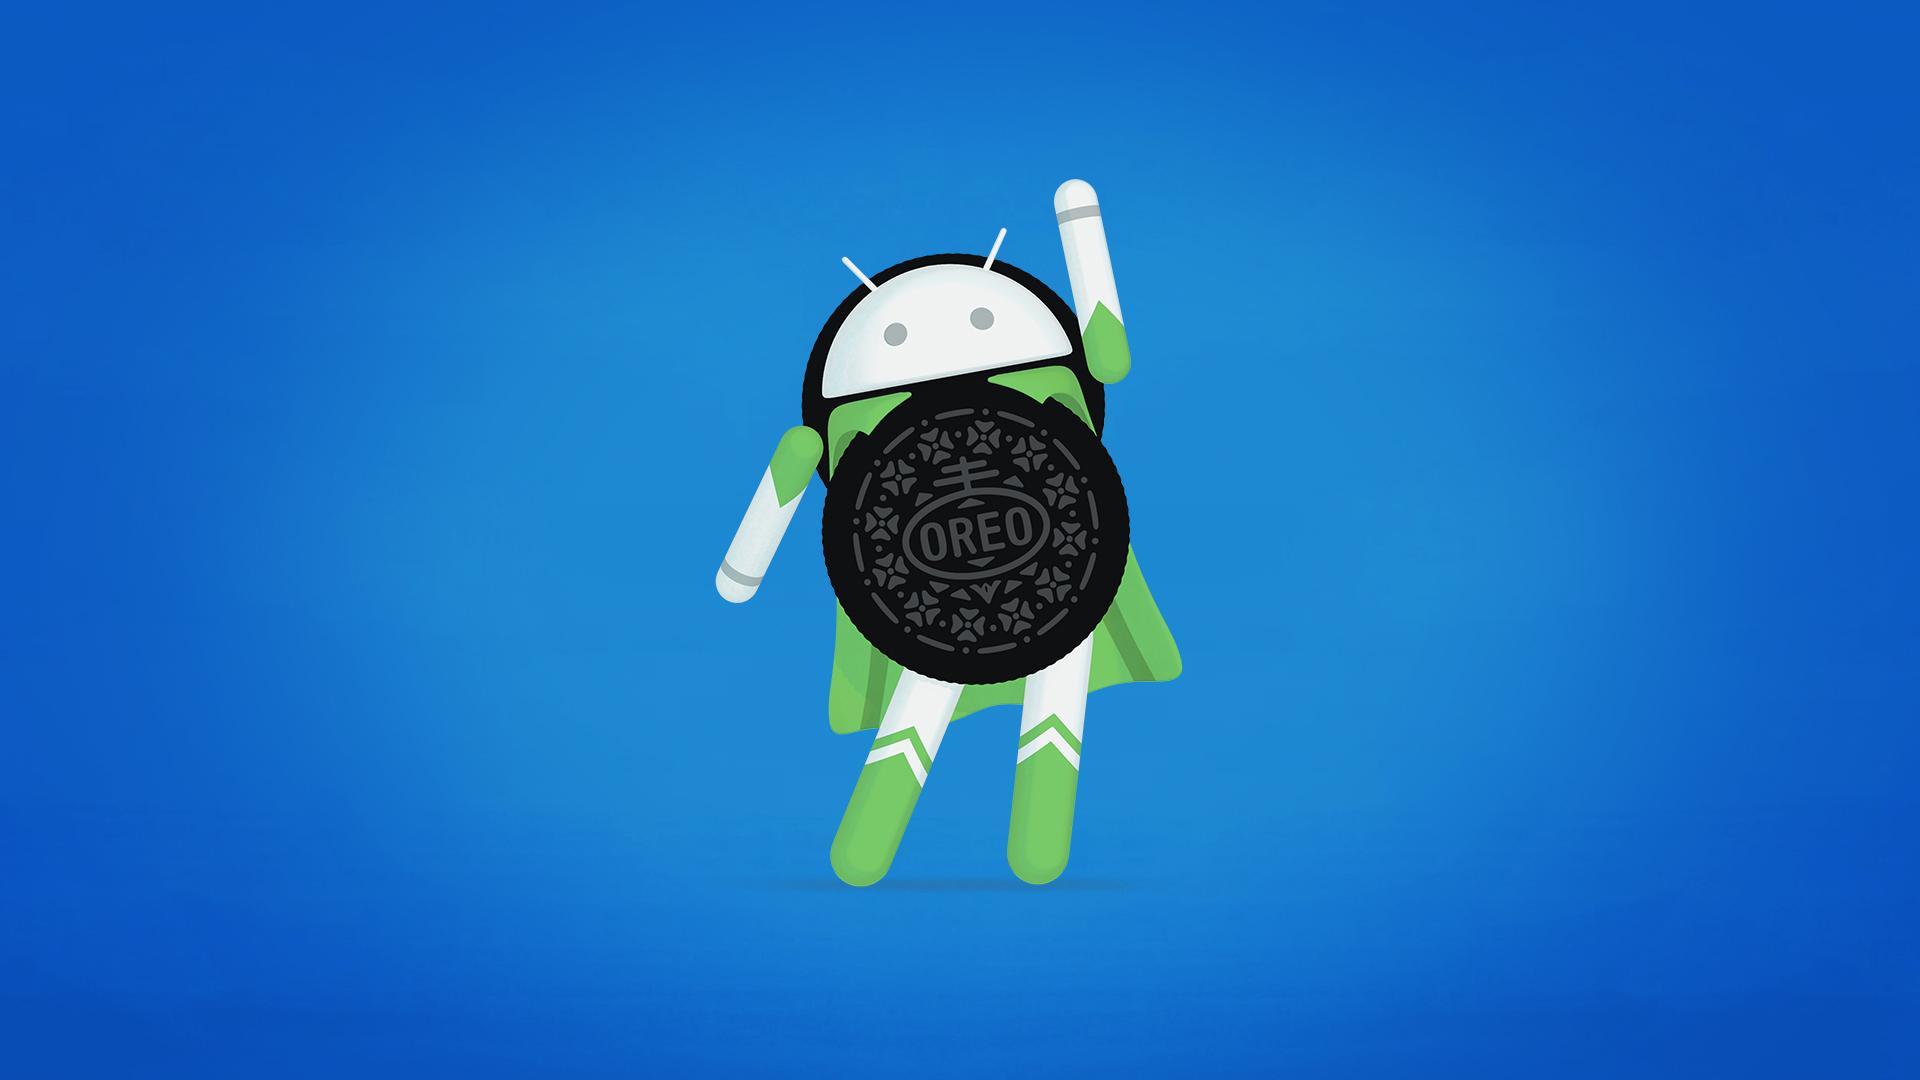 کمپانی گوگل تایید کرد که در هفتههای آینده بروزرسانی اندروید اوریو 8.1 منتشر خواهد شد